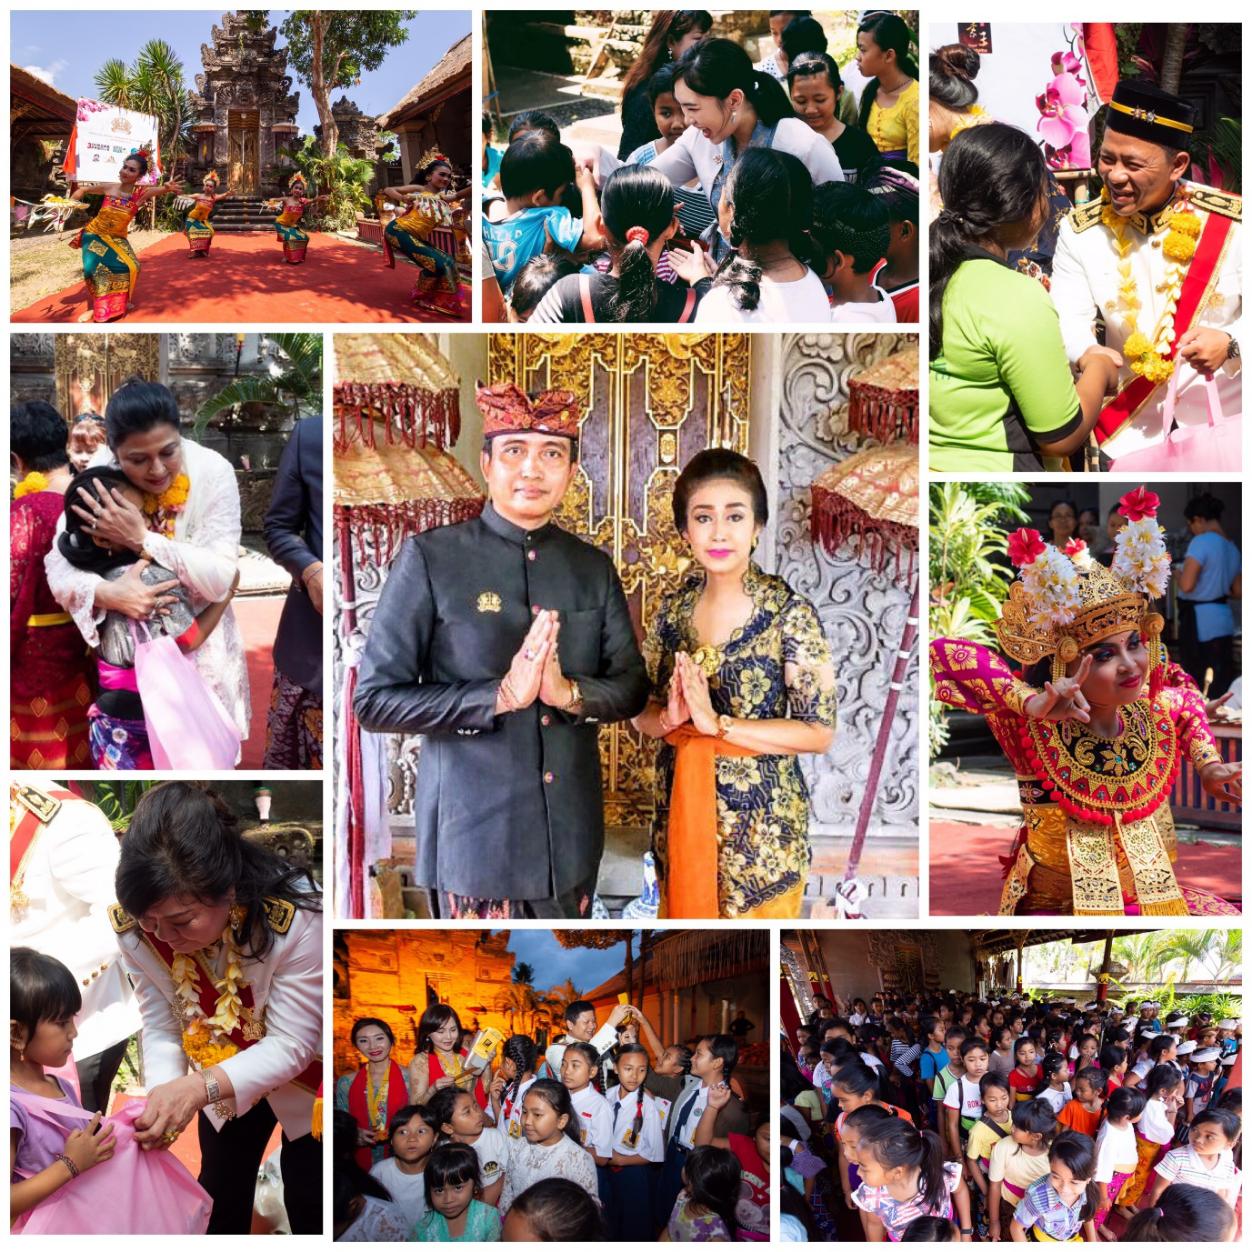 印尼巴厘岛皇室Puri Ageng Blahbatuh举办巴厘岛慈善典礼